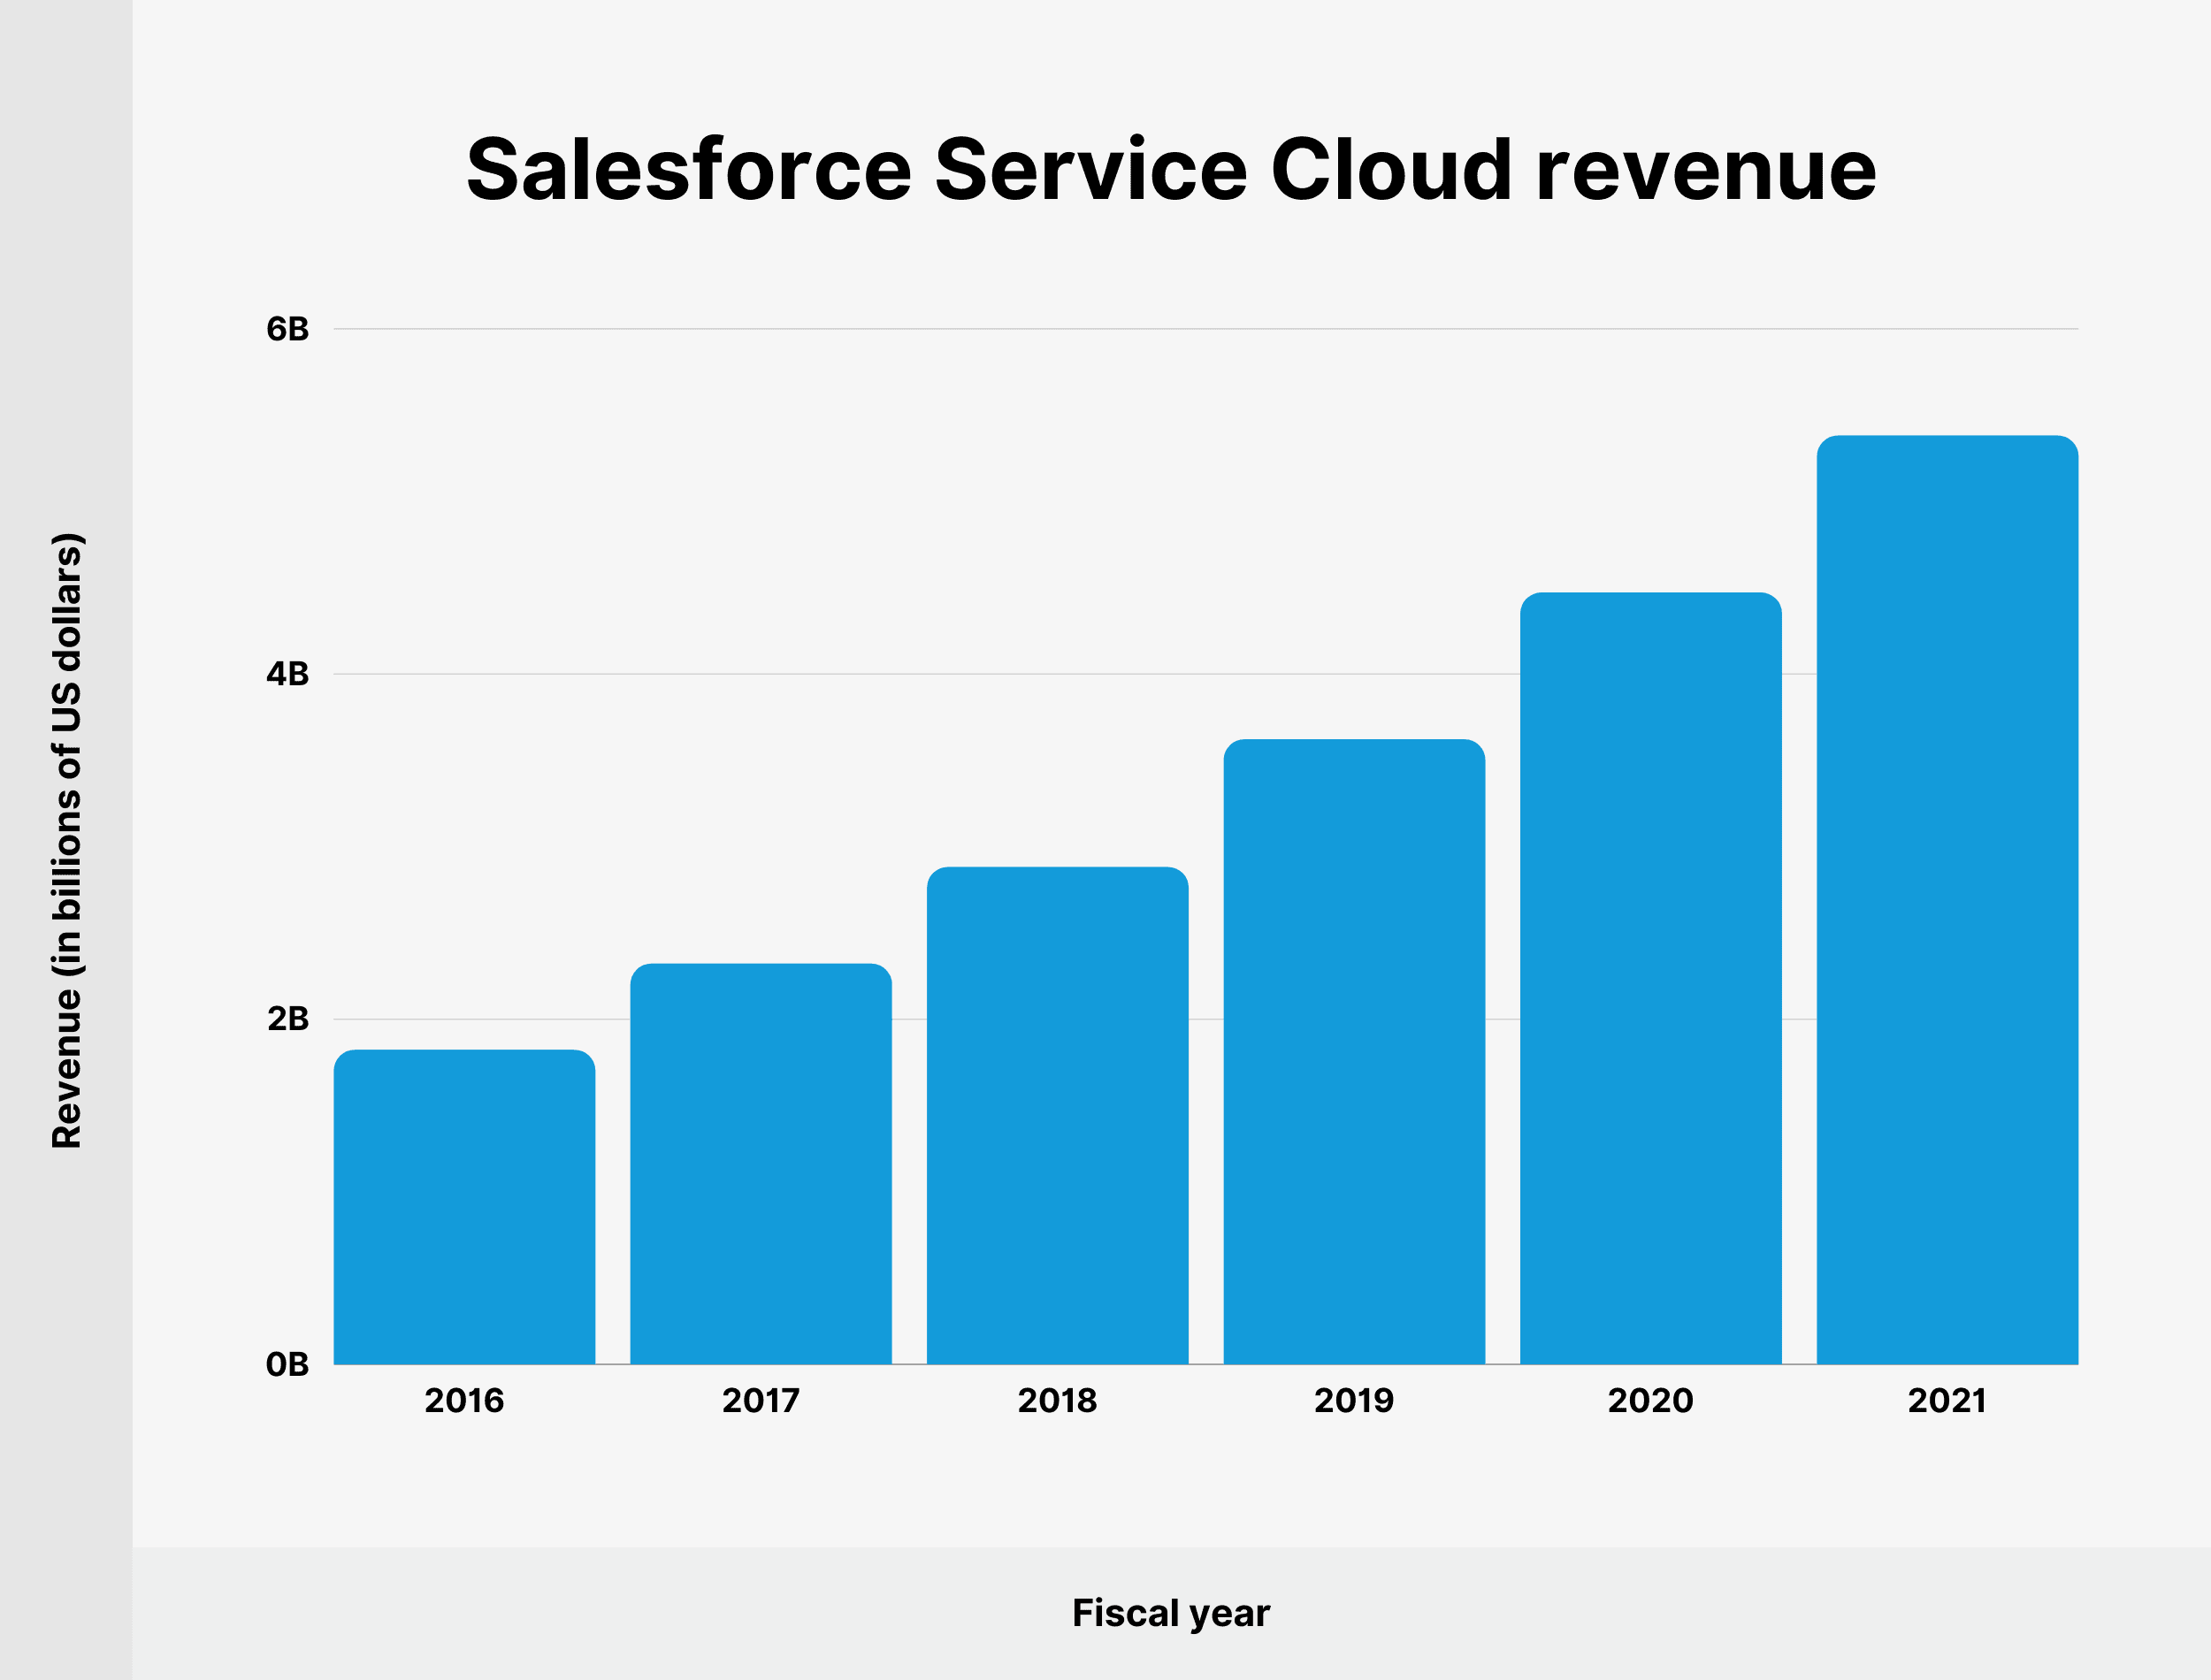 Salesforce Service Cloud revenue